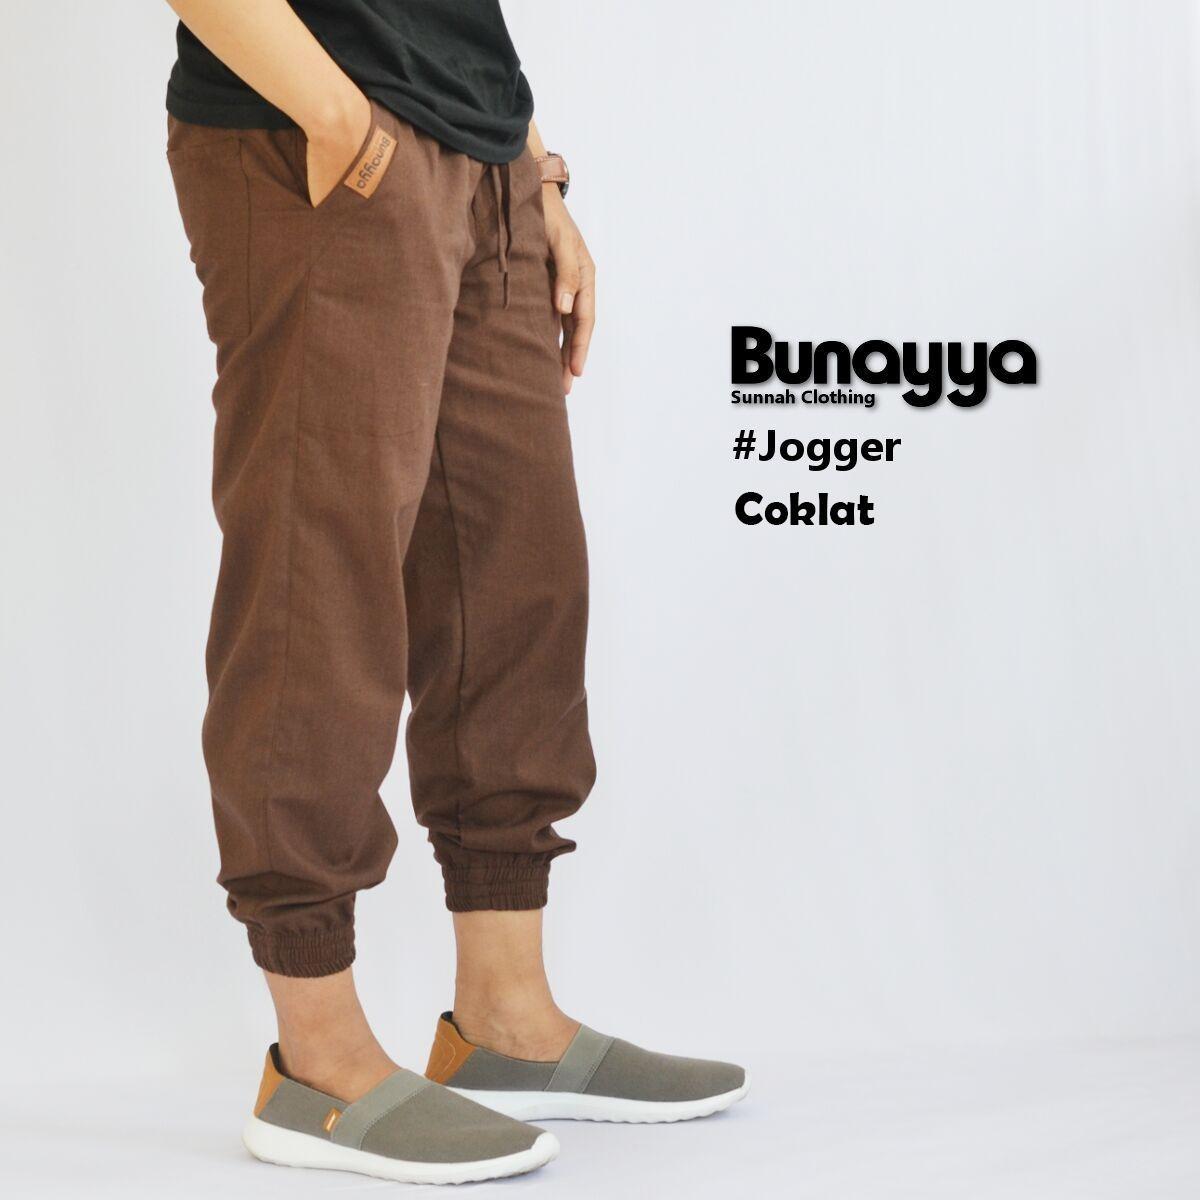 Jogger Pants Original Bunayya Coklat Celana Panjang Pria Joger Pant Diskon Jawa Barat